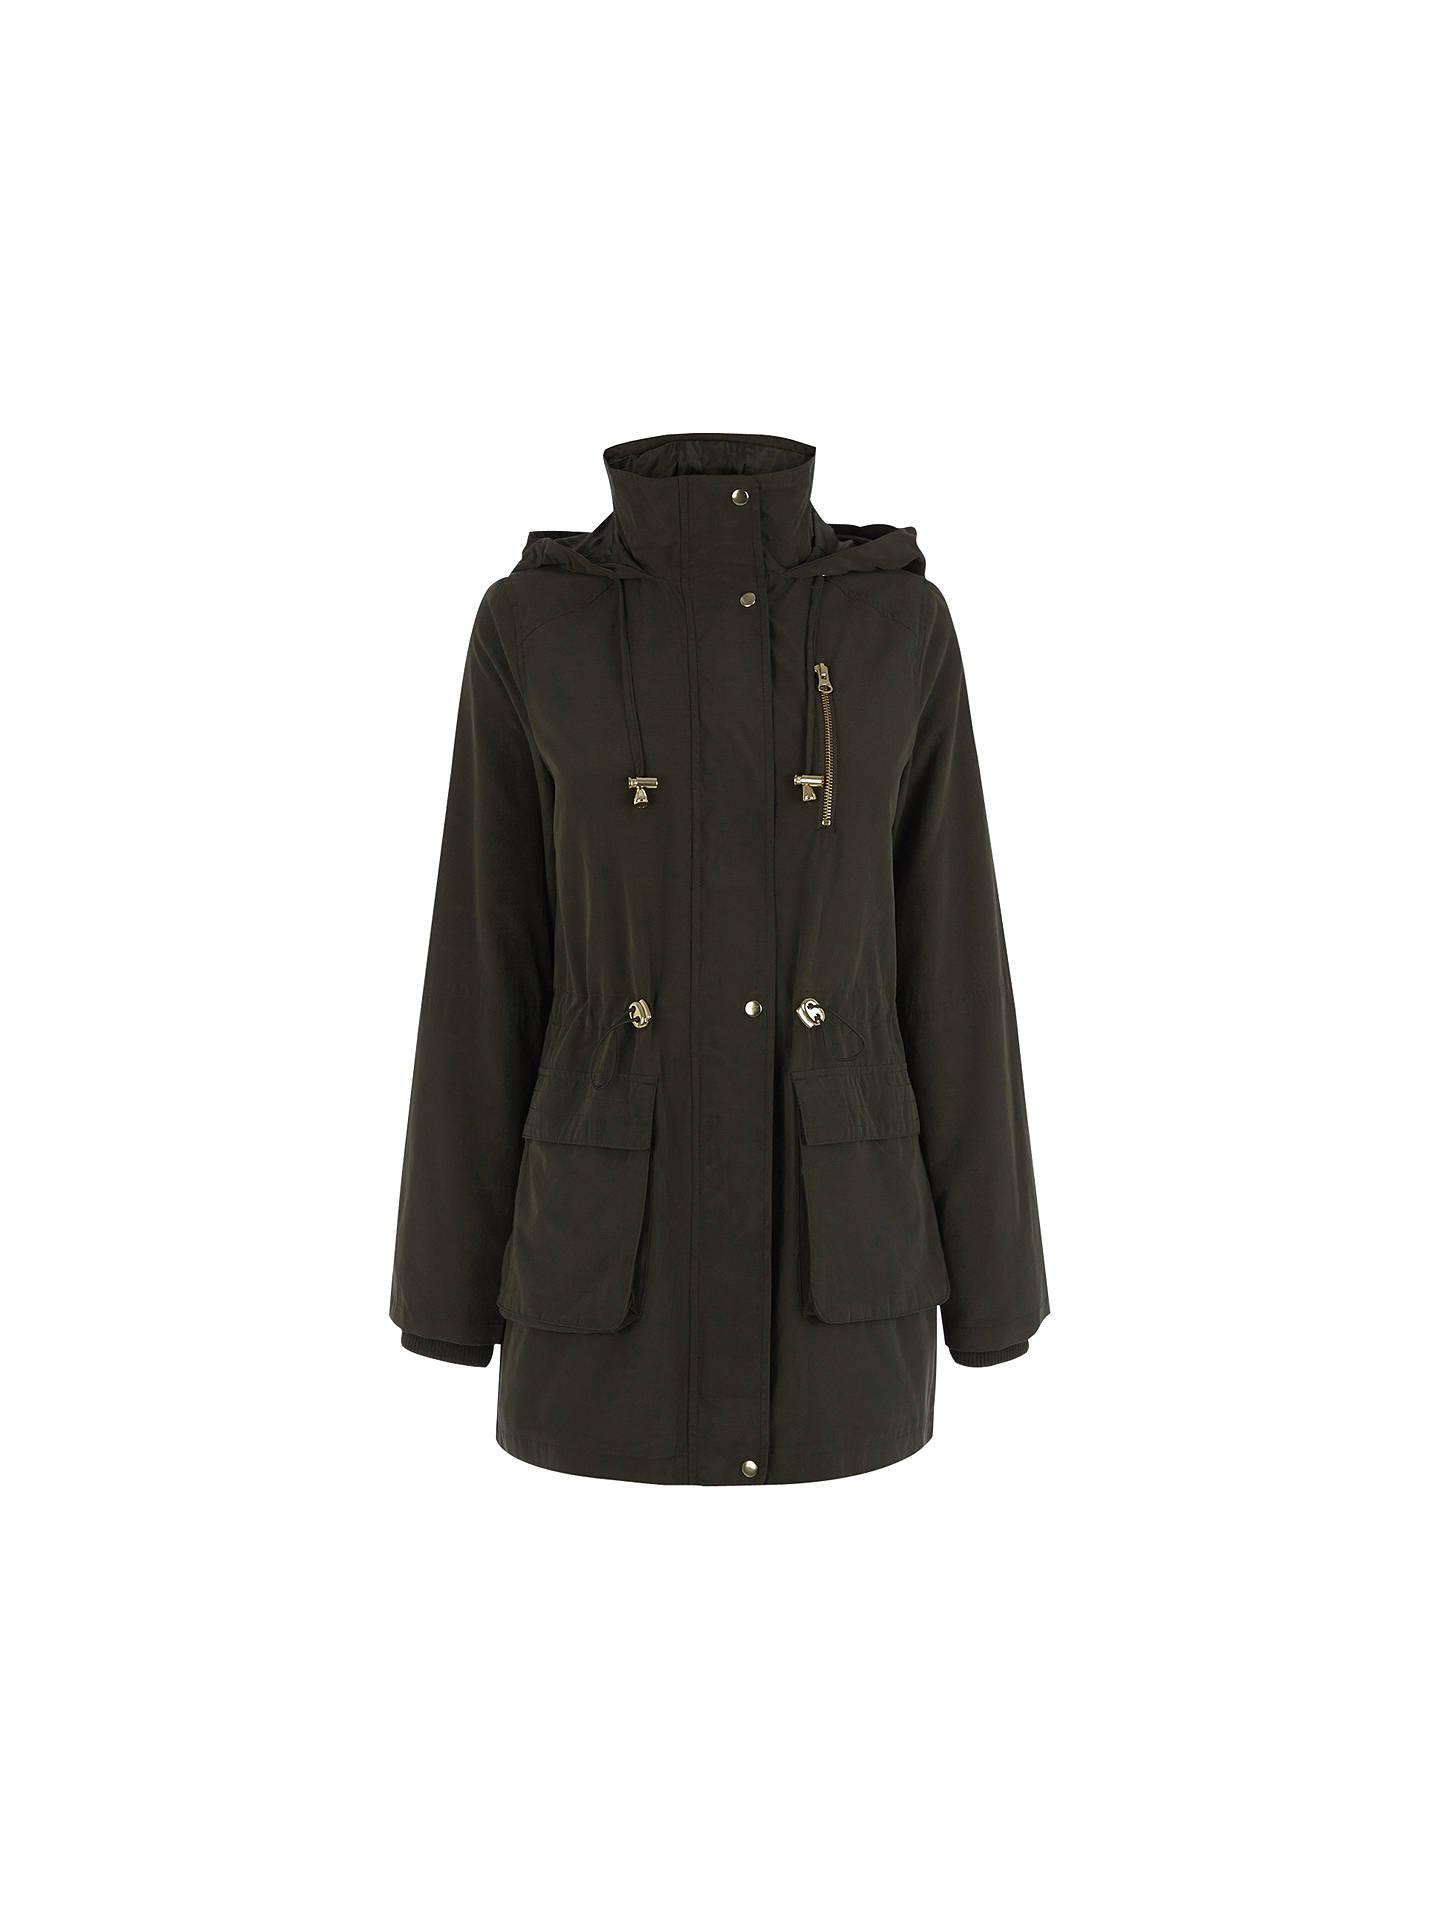 da15dd1fcc40 Buy Oasis Charlie Lightweight Parka Jacket, Khaki, S Online at  johnlewis.com ...